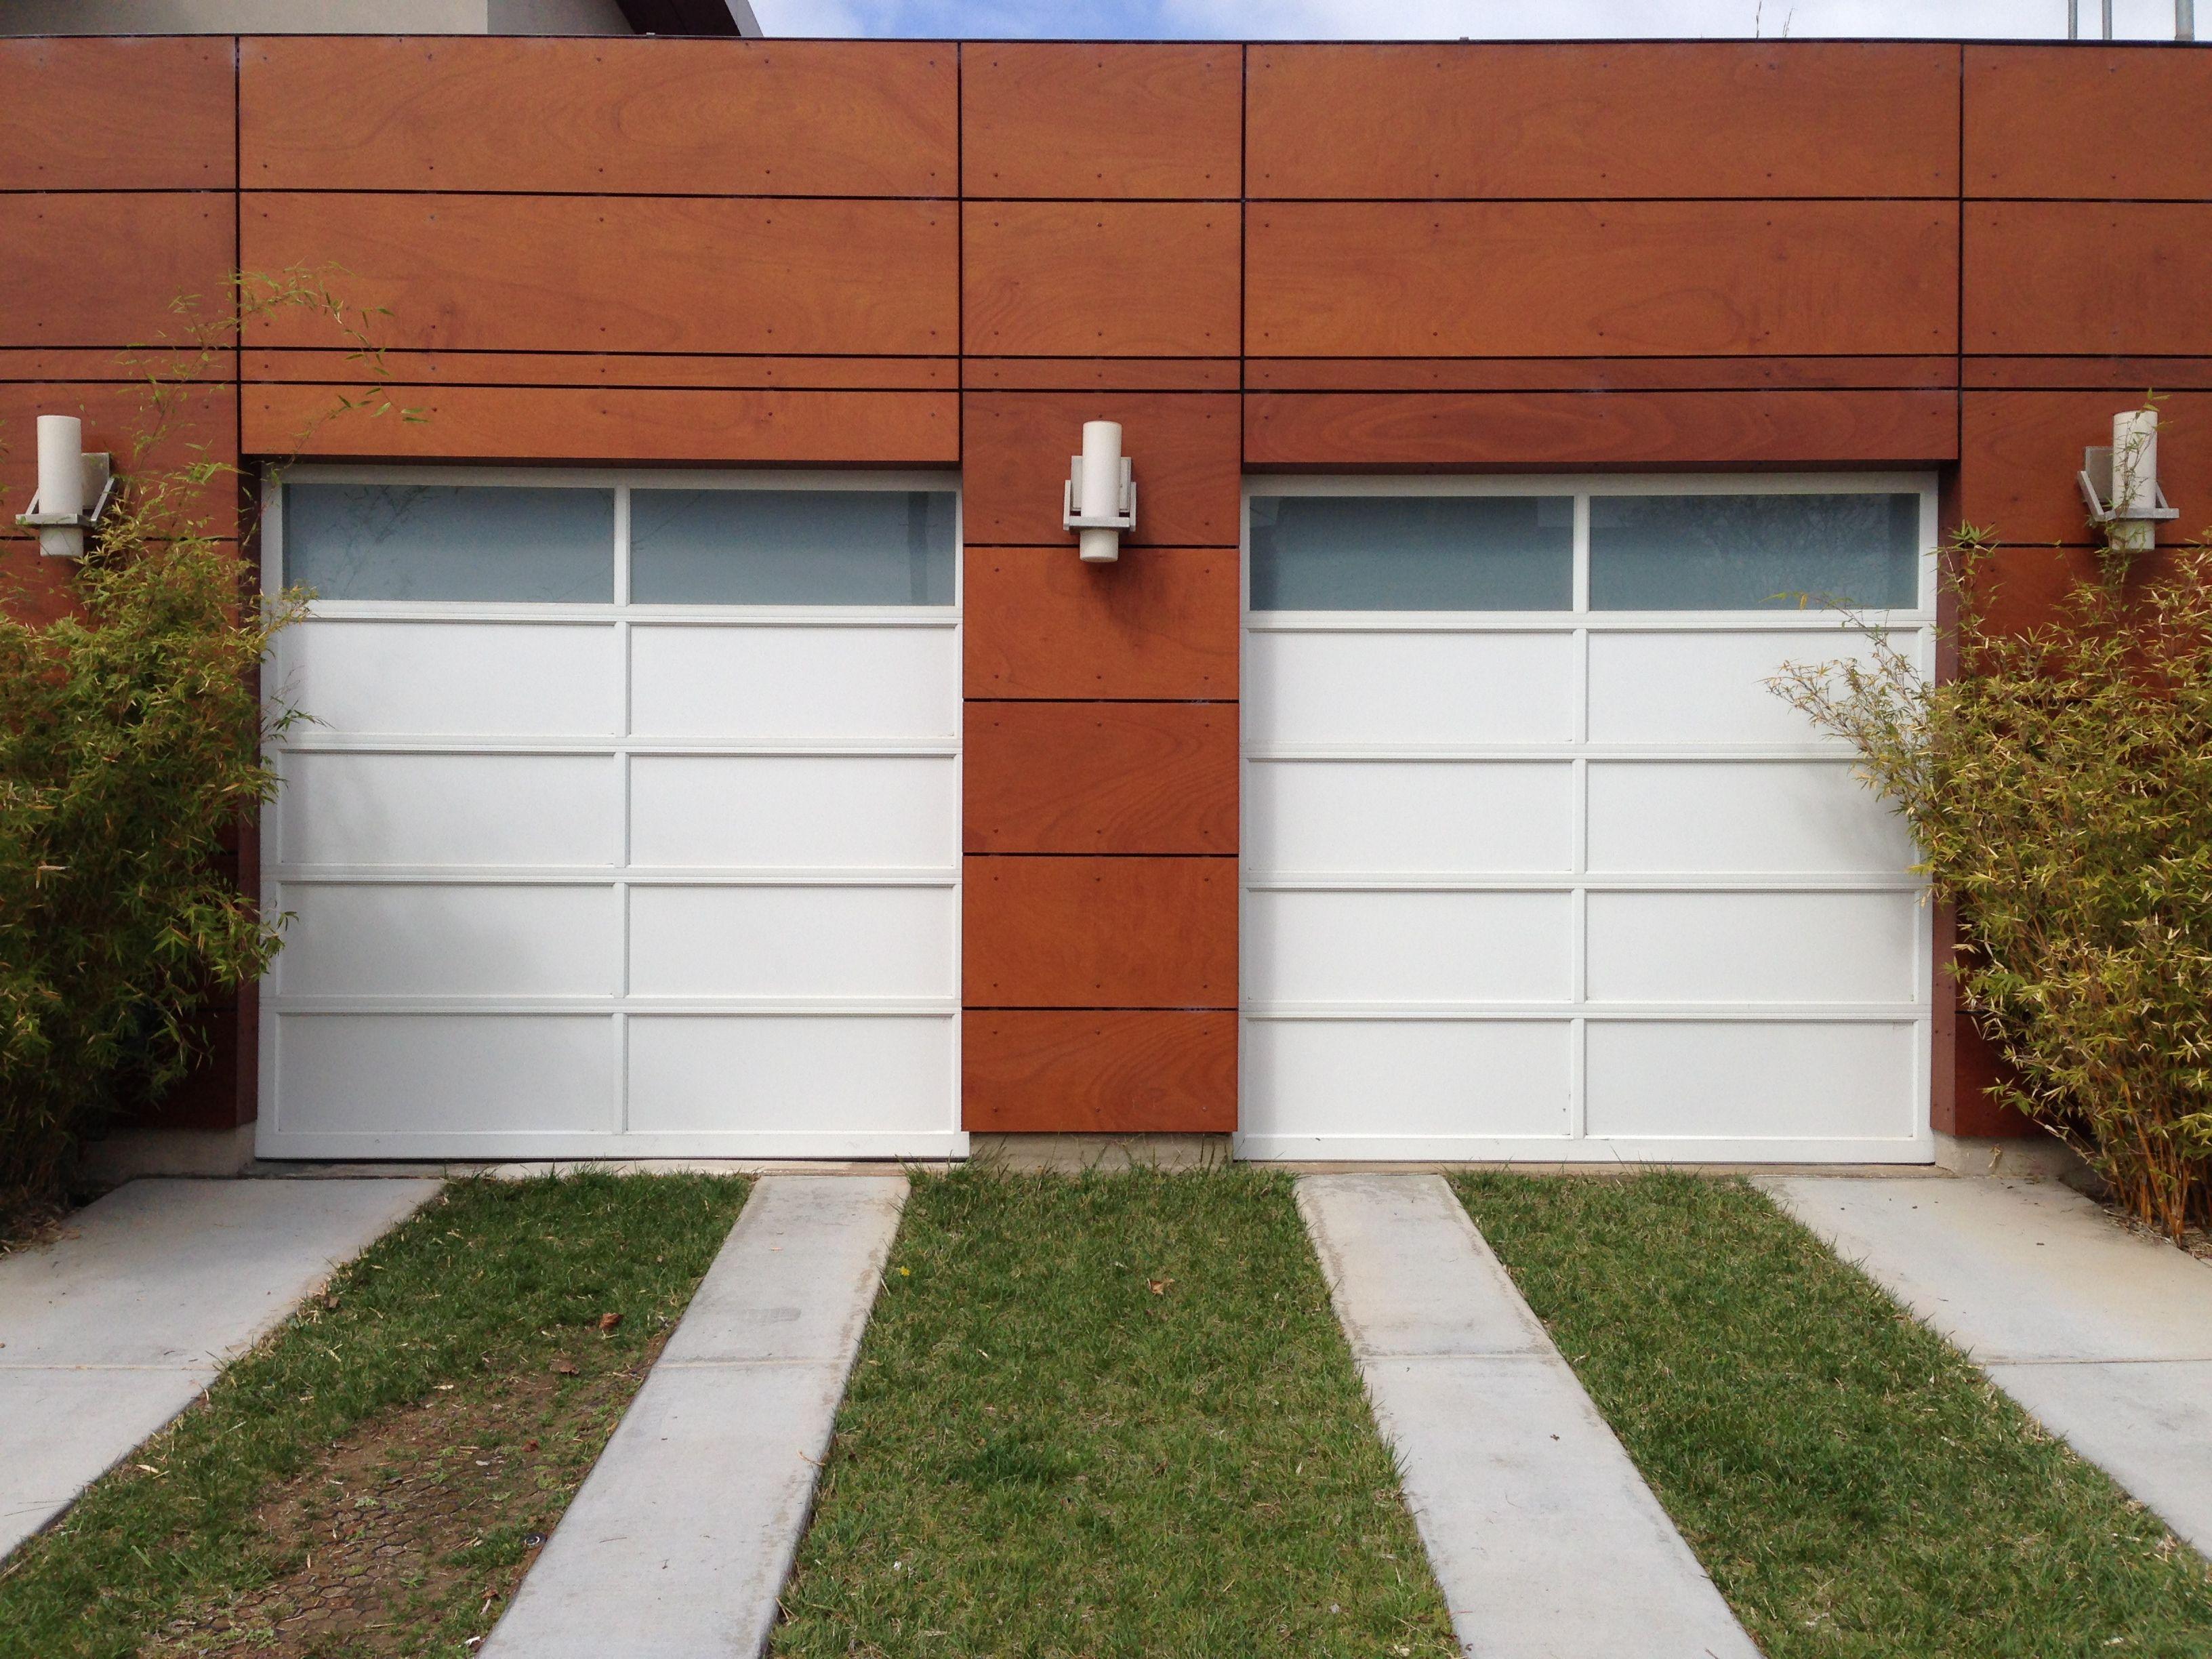 @Clopay Doors Avante Aluminum Pannel With Obscure Privacy Glass. White  Powder Coated Overhead Garage Door. @Chamberlain 3/4hp Belt Drive 8550 Garage  Door ...